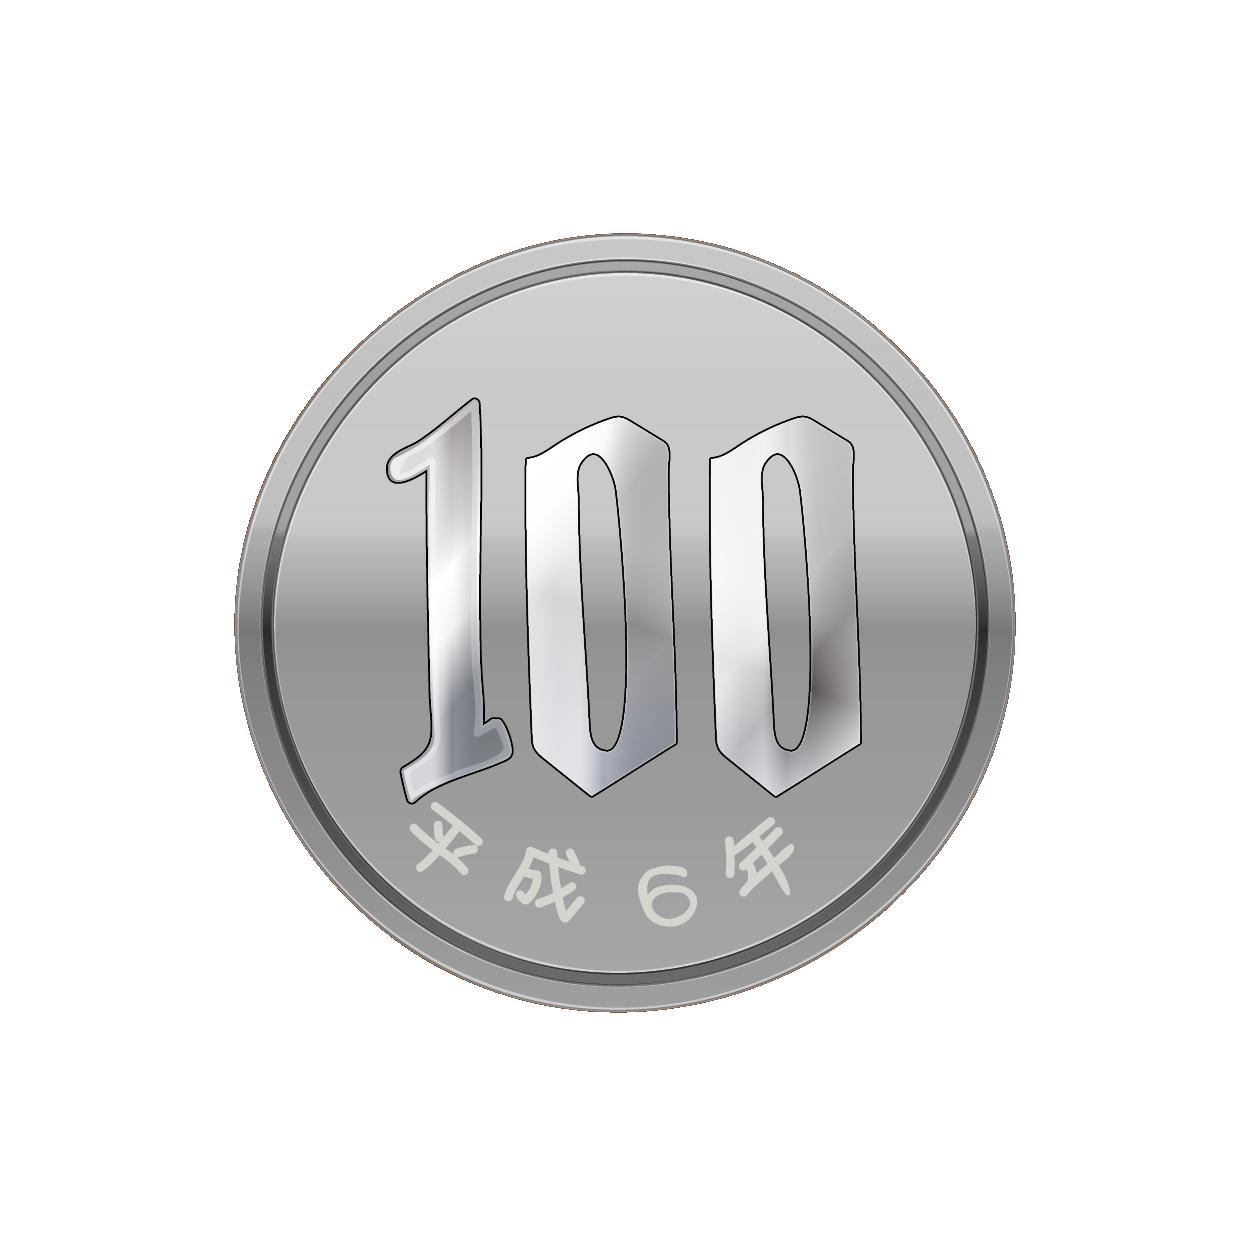 100円玉百円小銭お金のイラスト 商用フリー無料のイラスト素材